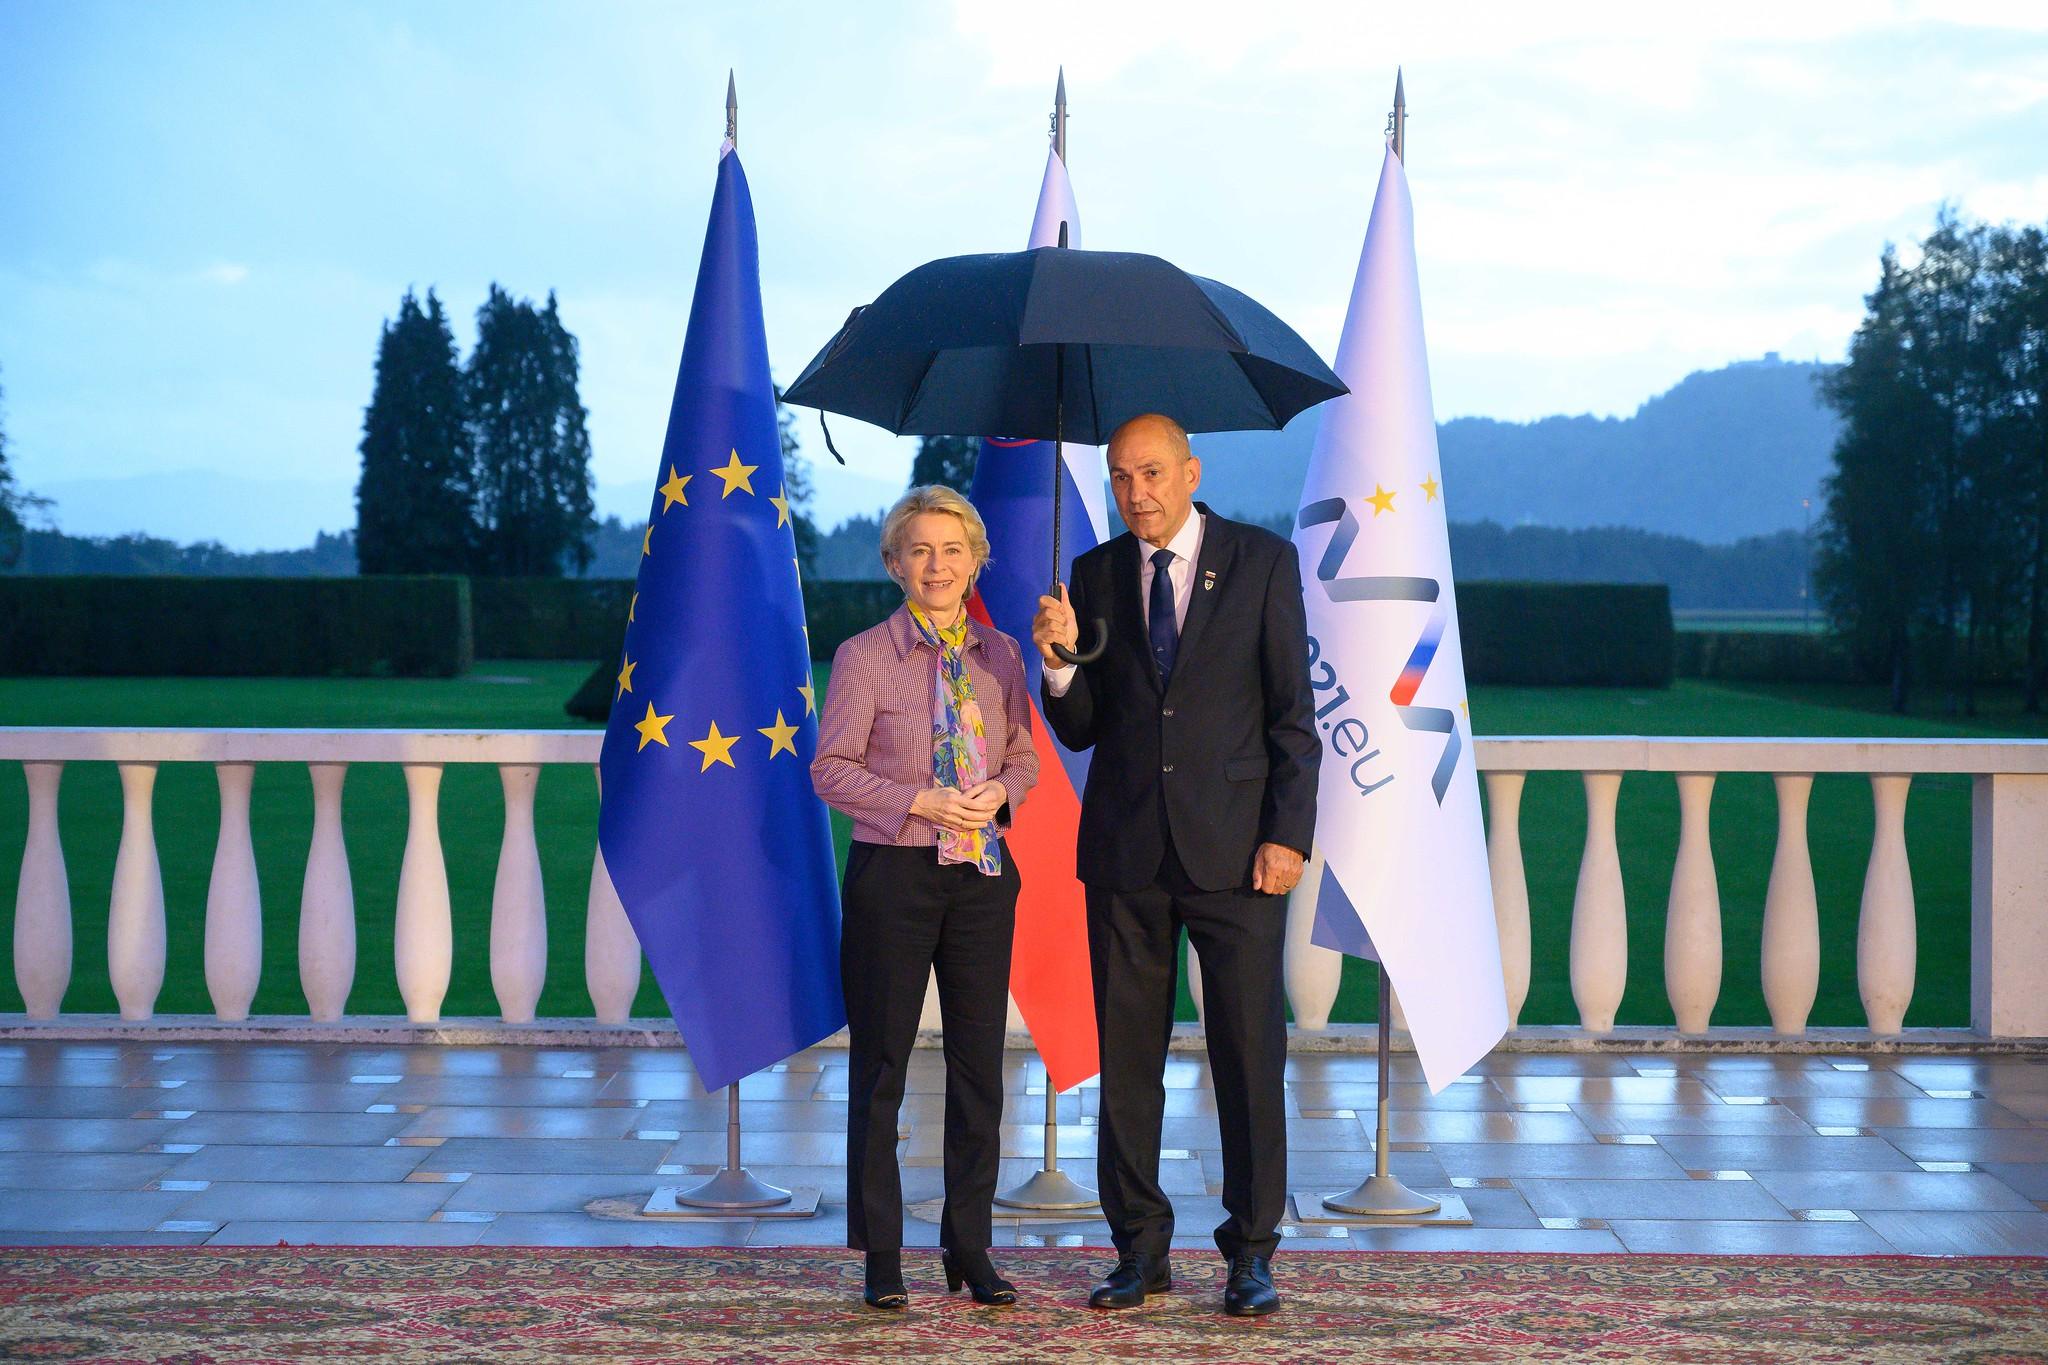 Predsednica Evropske komisije Ursula von der Leyen in predsednik vlade Janez Janša.